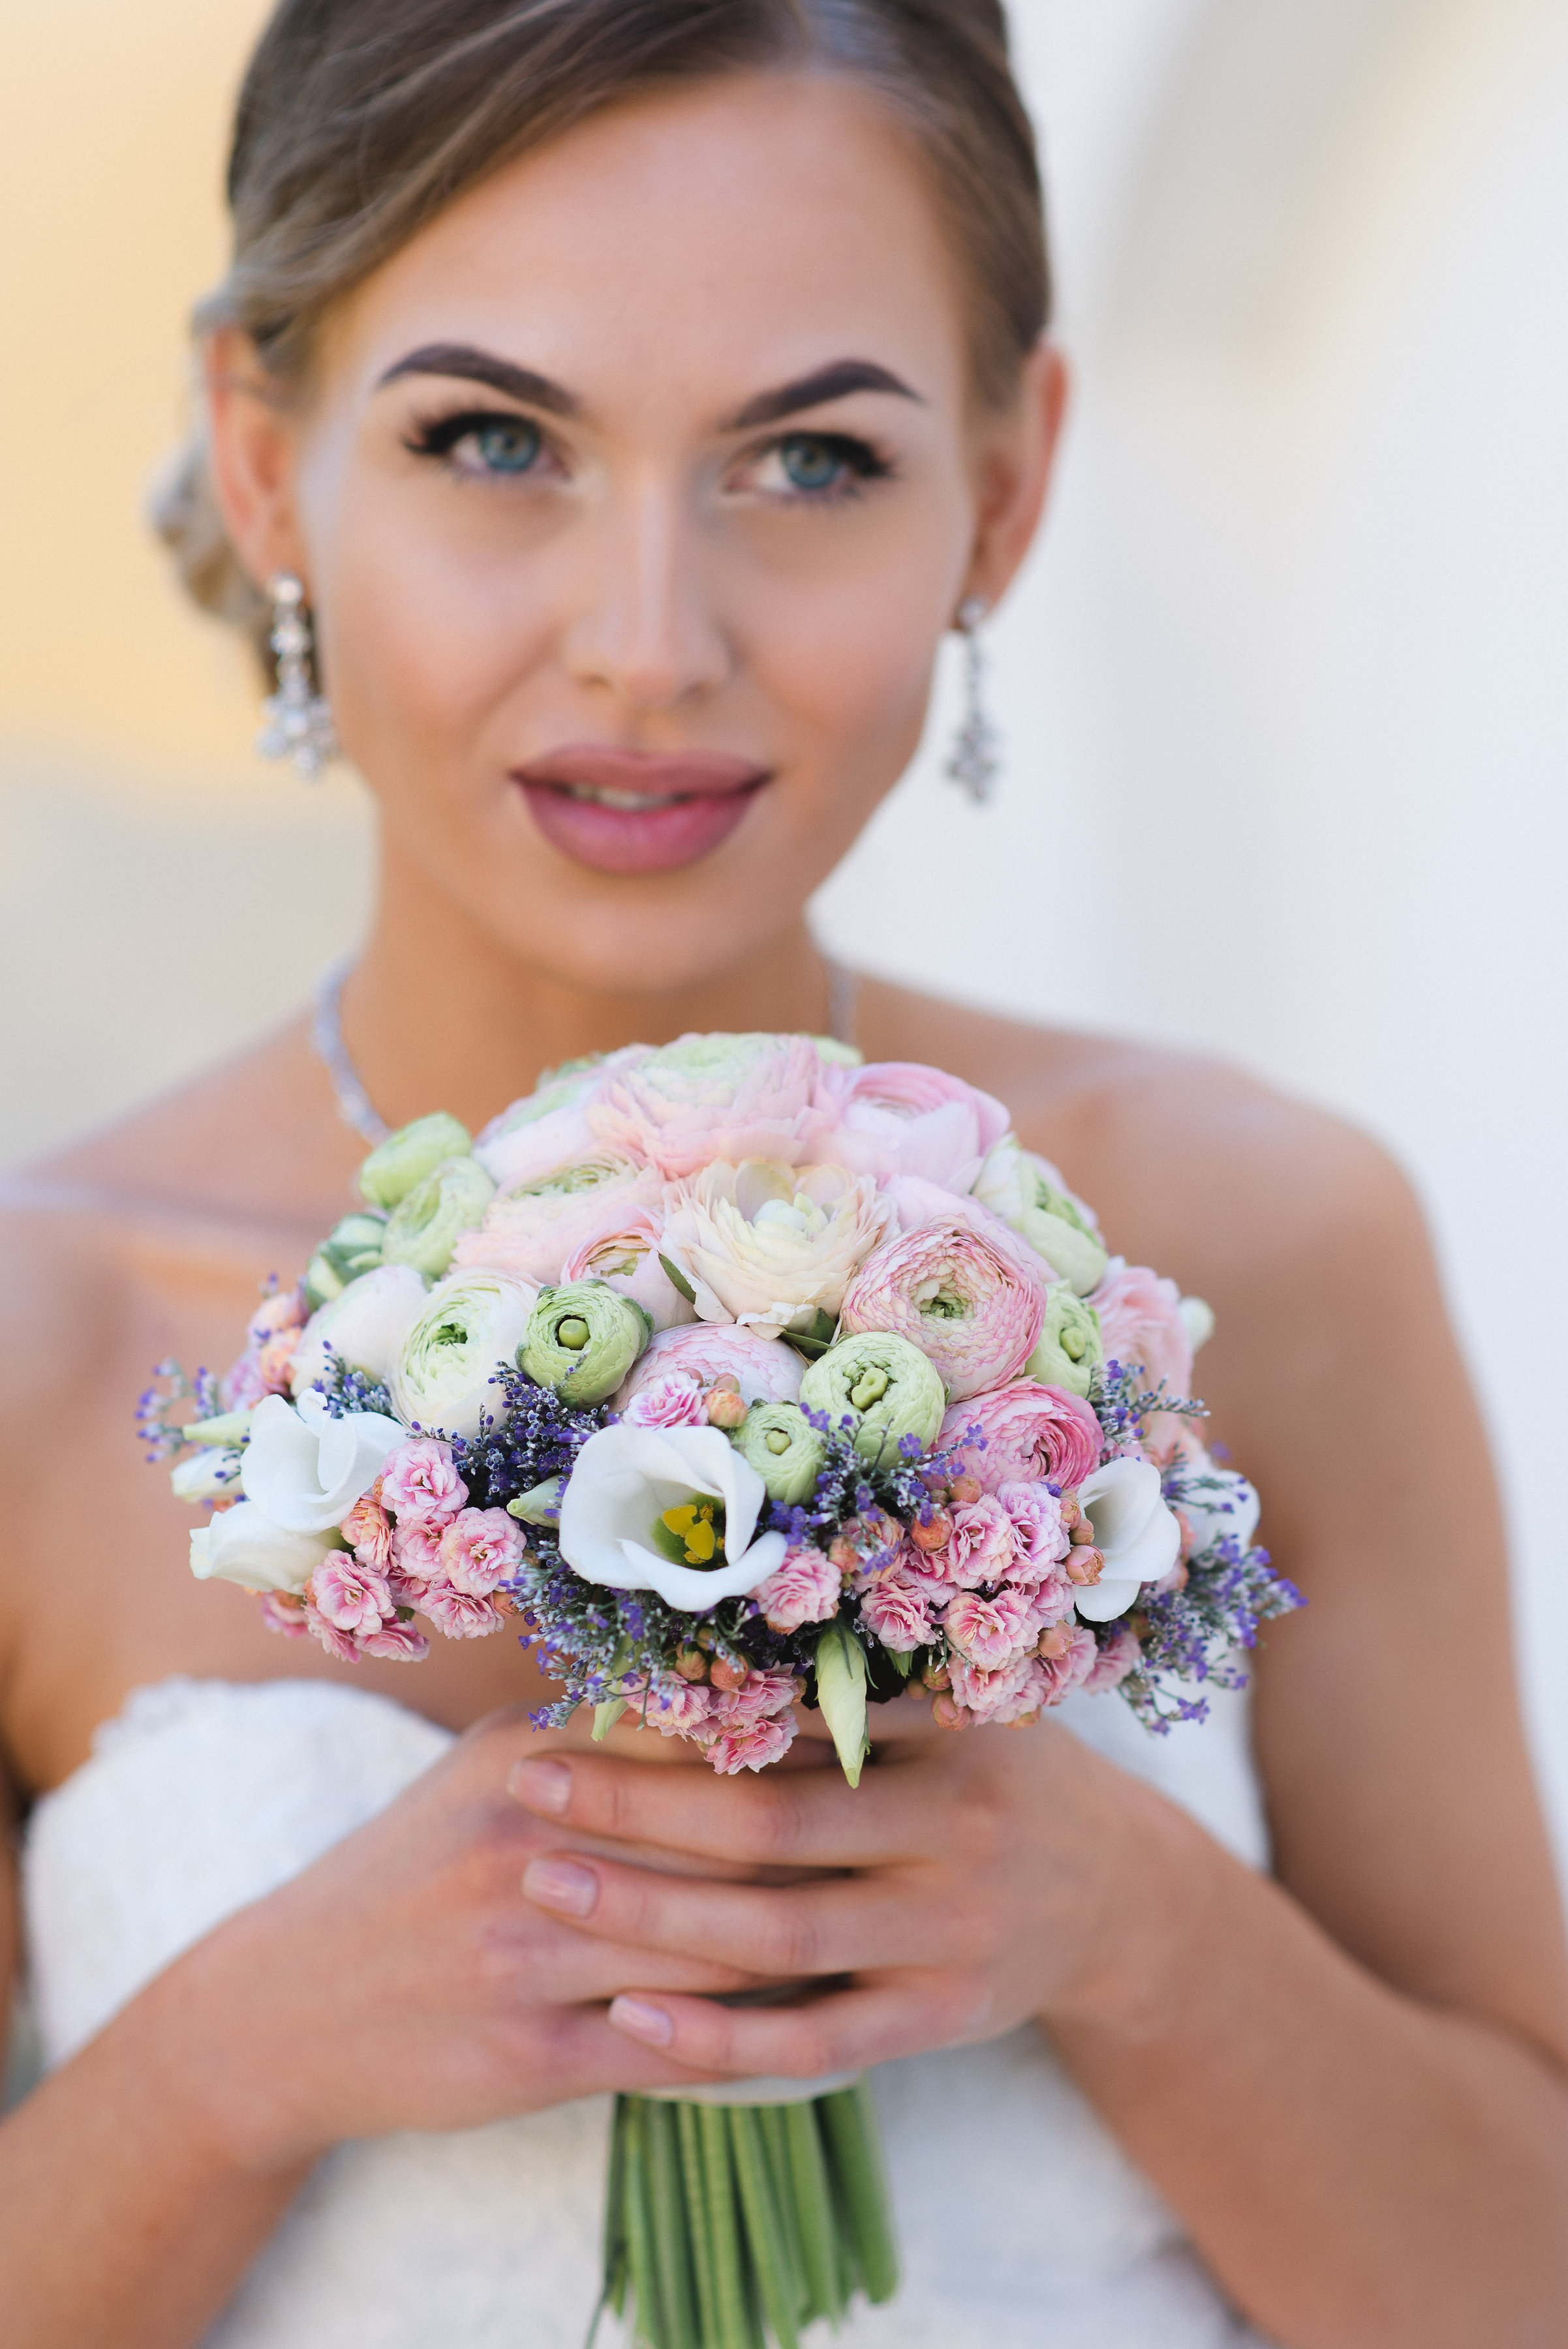 AnnaZeiterphotography_Flowershoot-1032 - Kopie